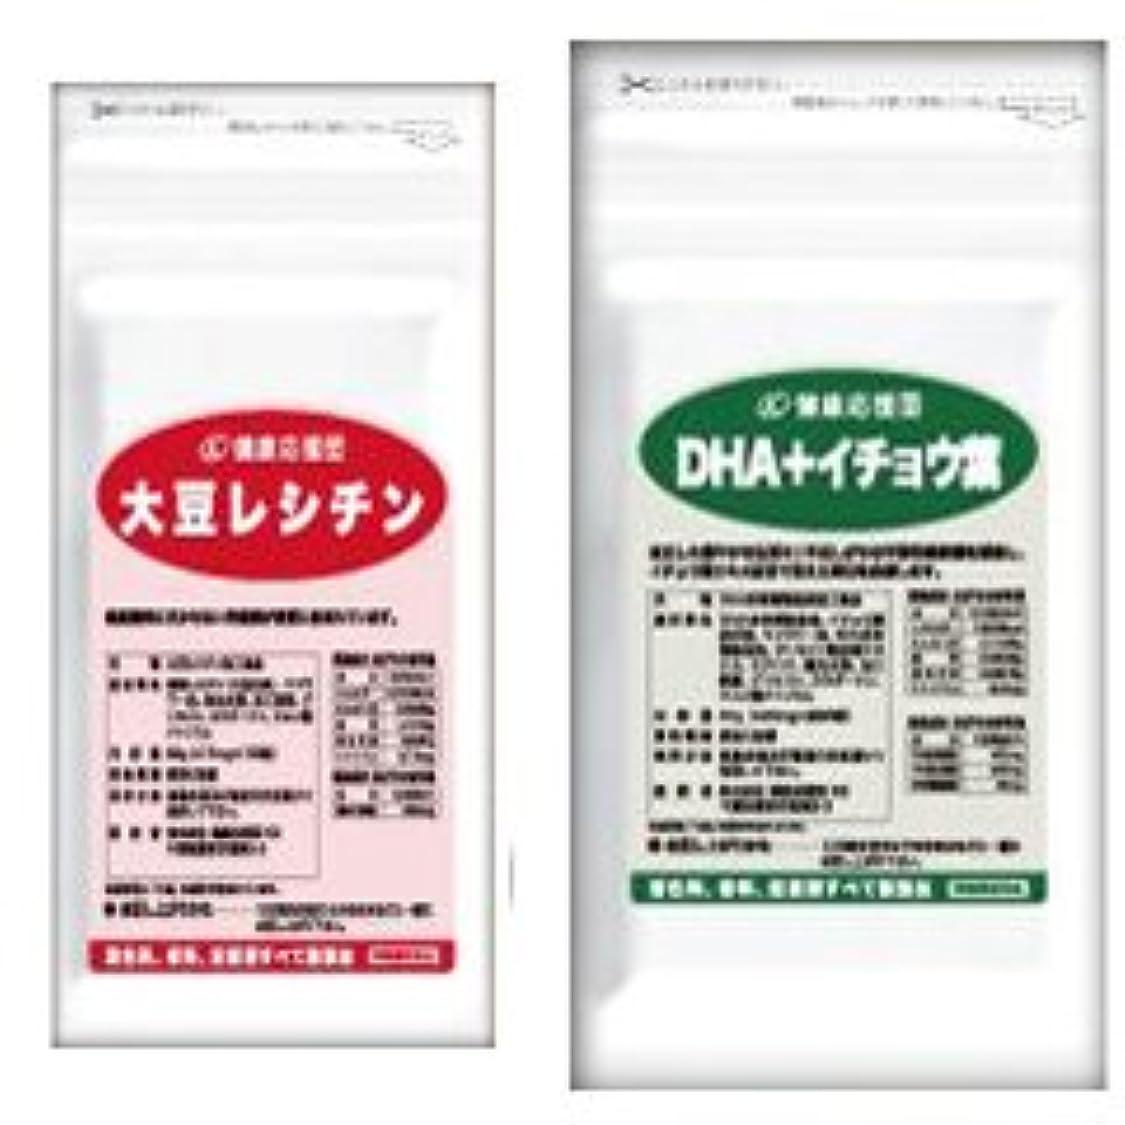 同様の不公平サイレン流れサラサラセット 大豆レシチン+(DHA+イチョウ葉) (DHA?EPA?イチョウ葉)